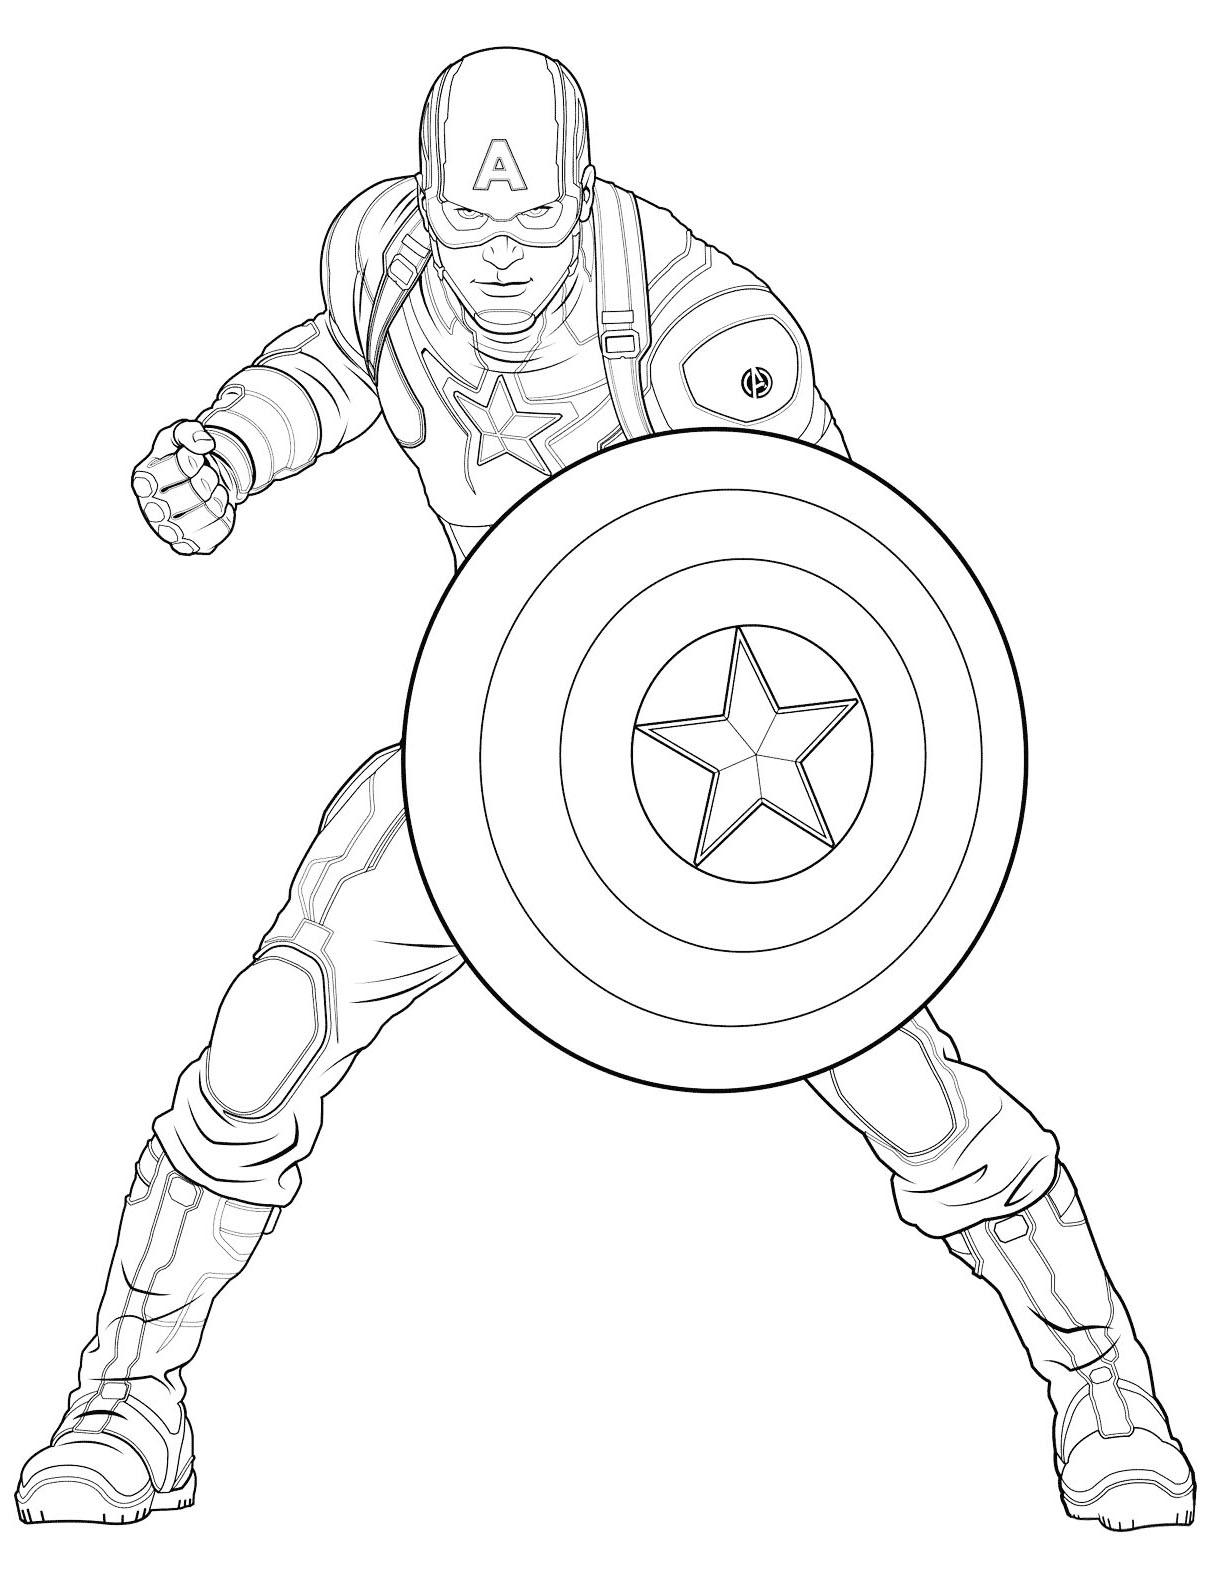 Image de Captain America à télécharger et imprimer pour enfants